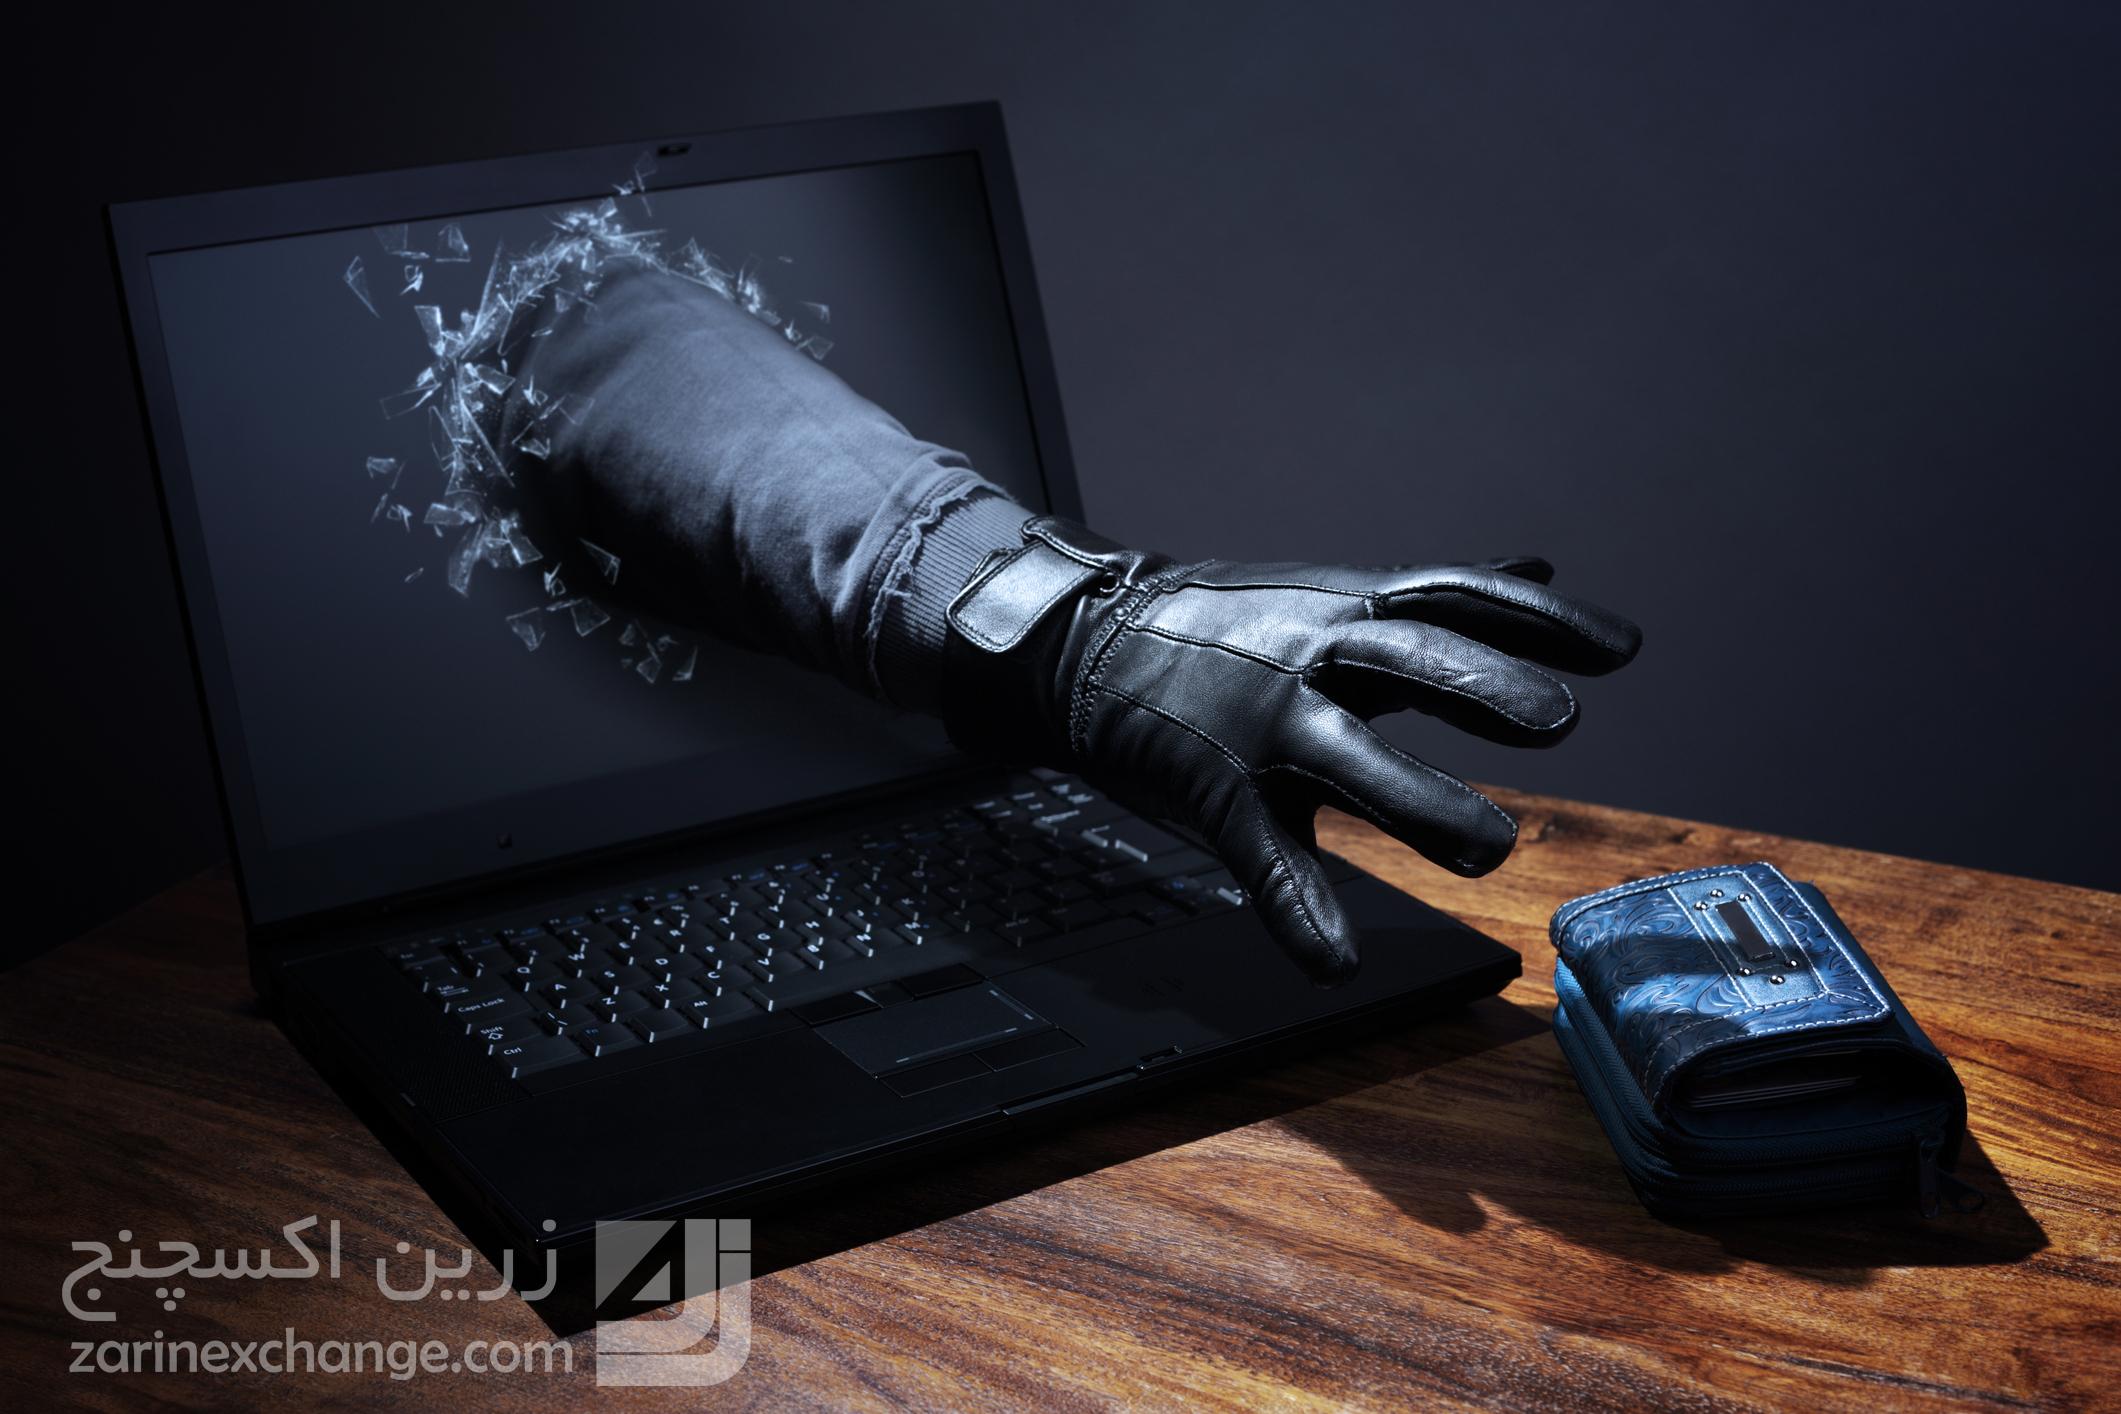 فعالیت مجرمان دیجیتالی